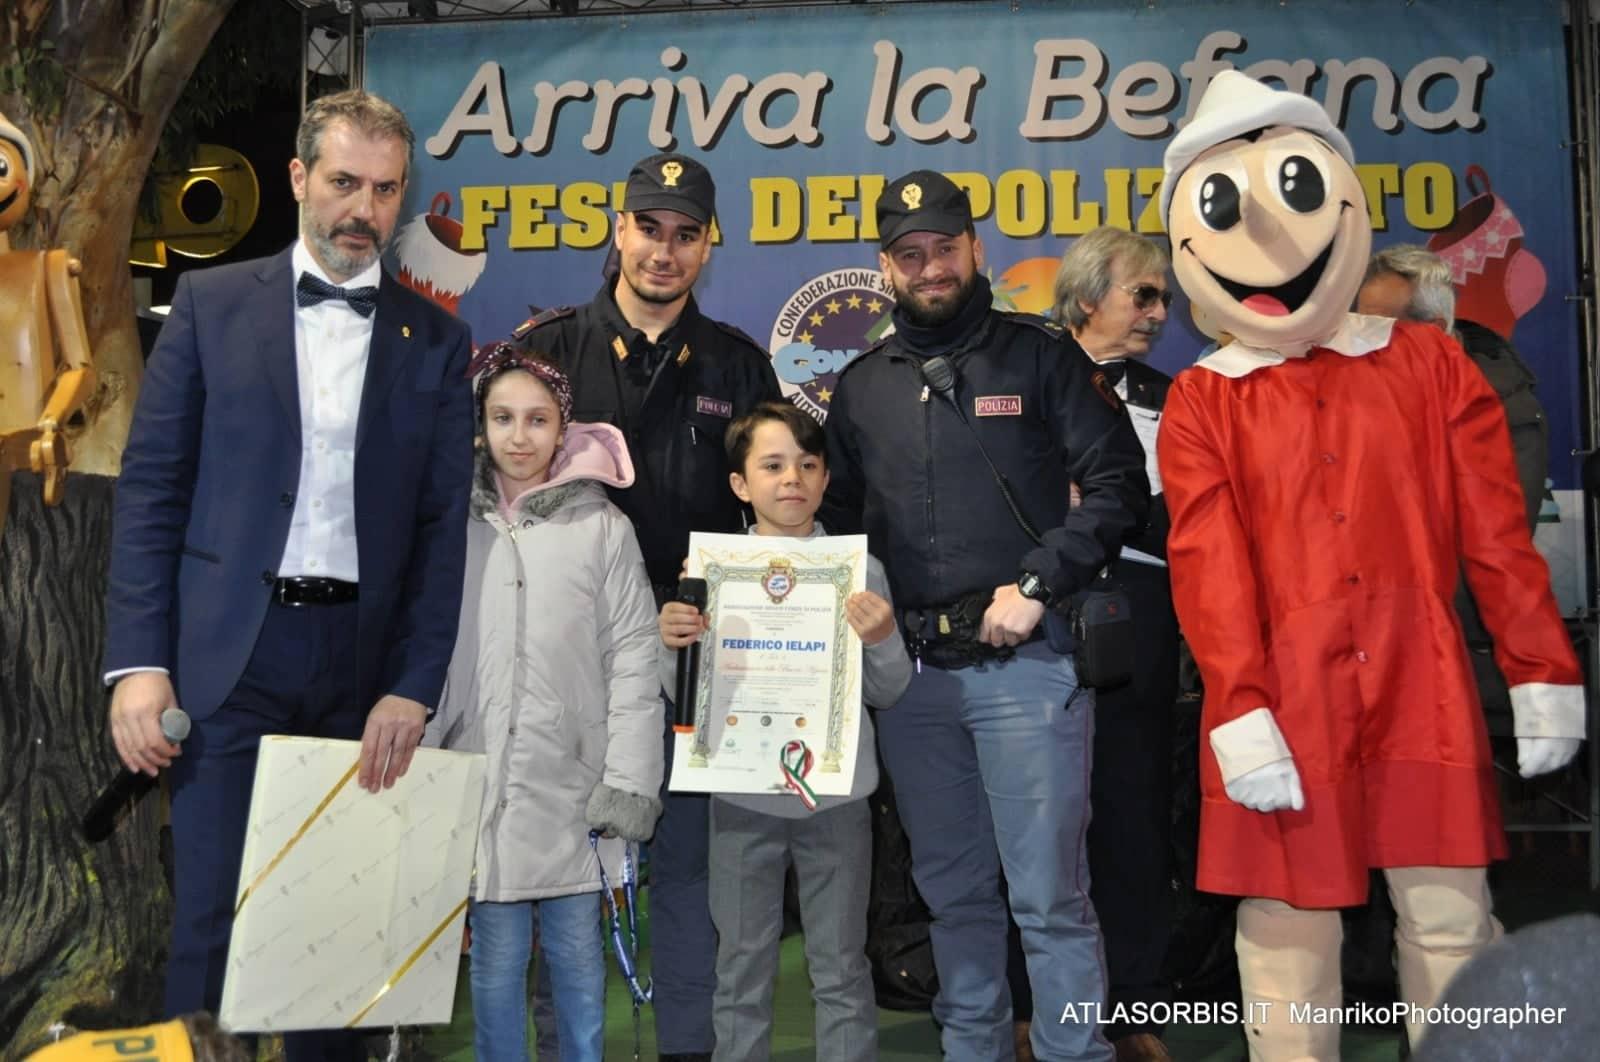 Arriva LA BEFANA Festa DEL POLIZIOTTO CONSAP